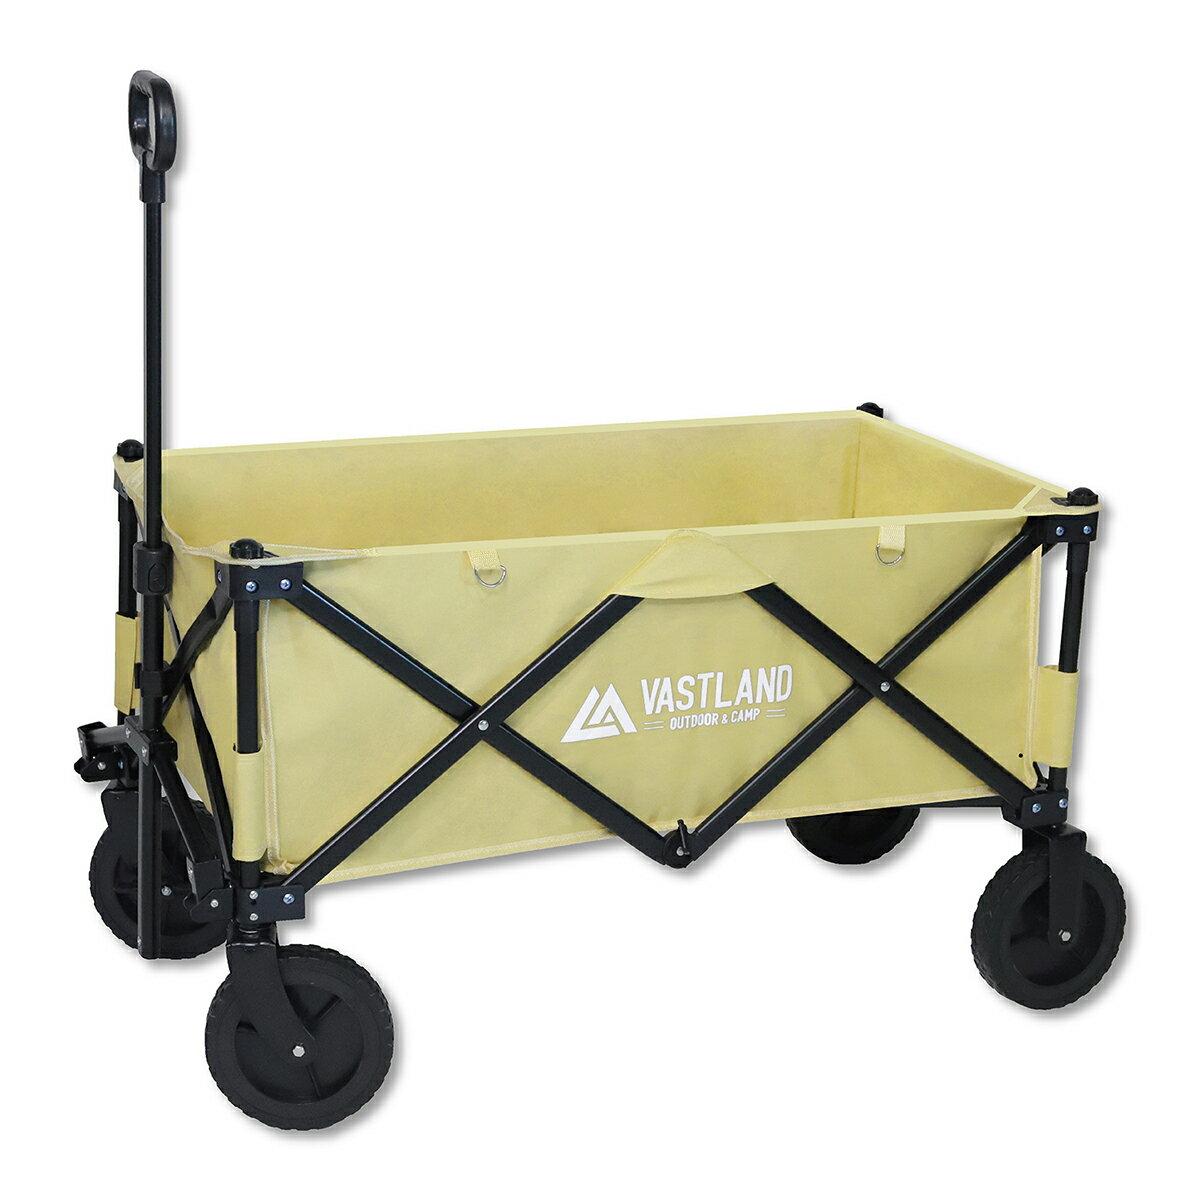 アウトドアワゴン キャリーワゴン 耐荷重150kg 折りたたみ 大型タイヤ 大容量 収納カバー付き